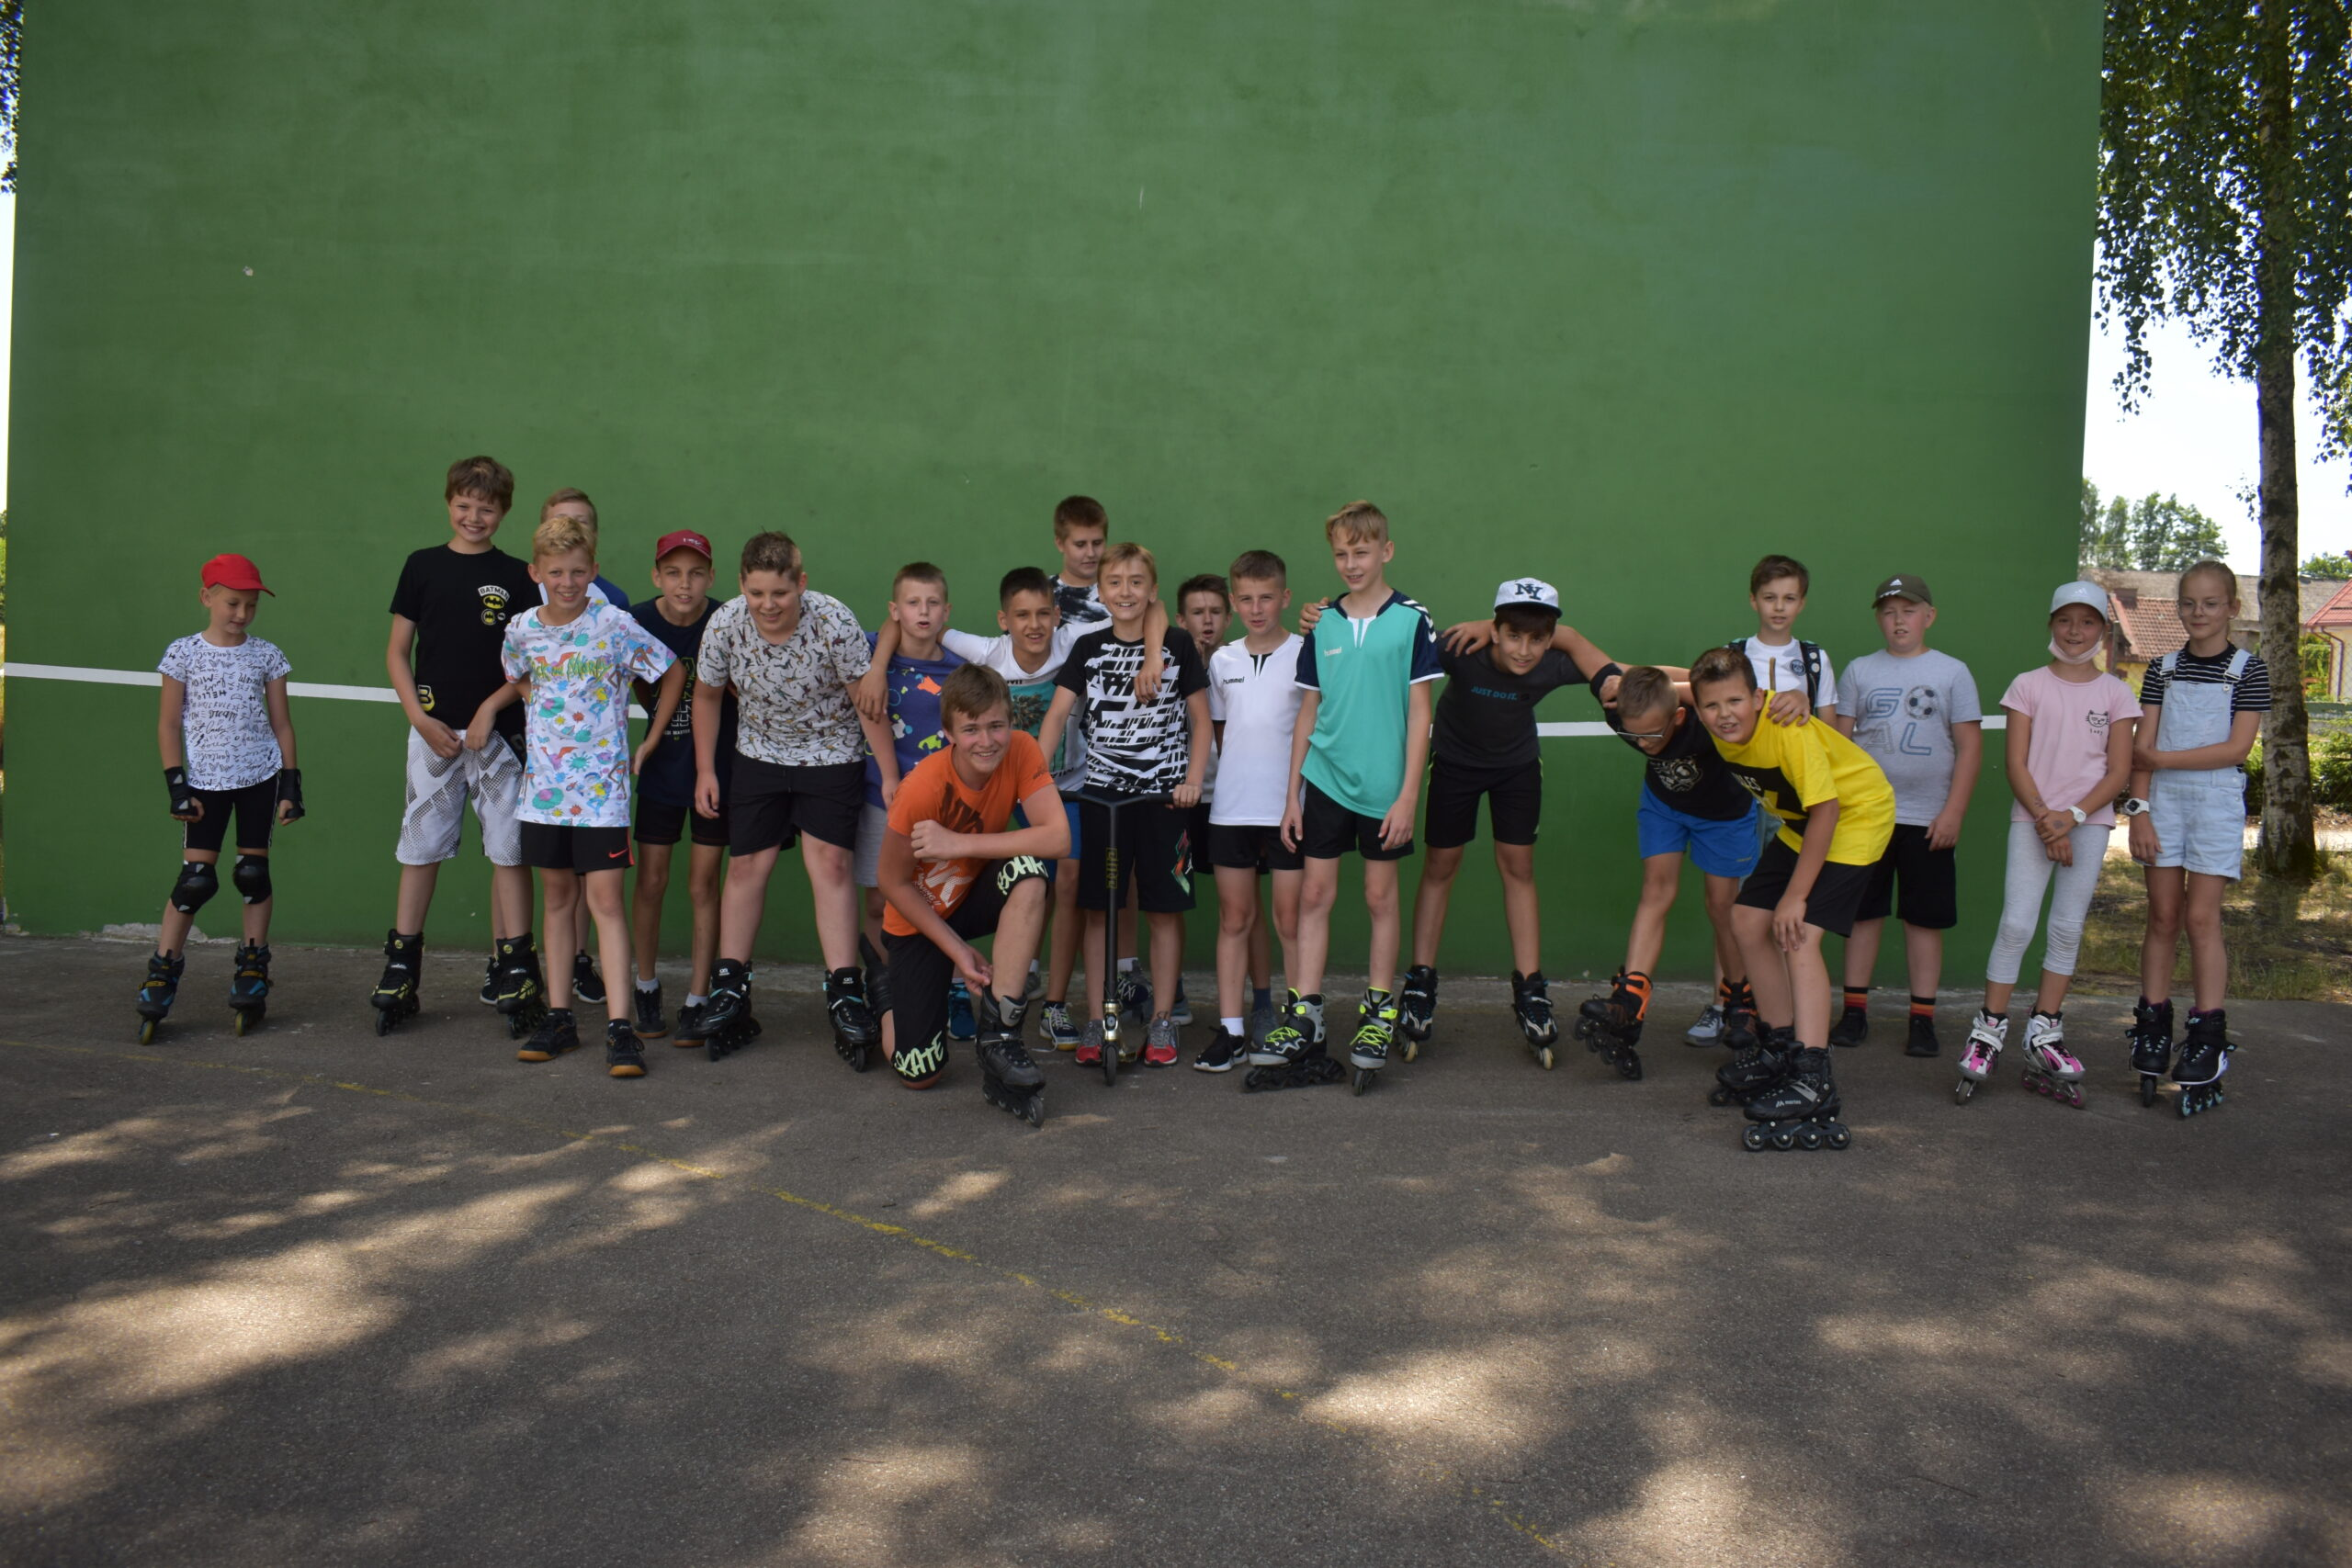 Uczestnicy warsztatów wrotkarsko-rolkarskich na stadionie sportowym w Lipuszu